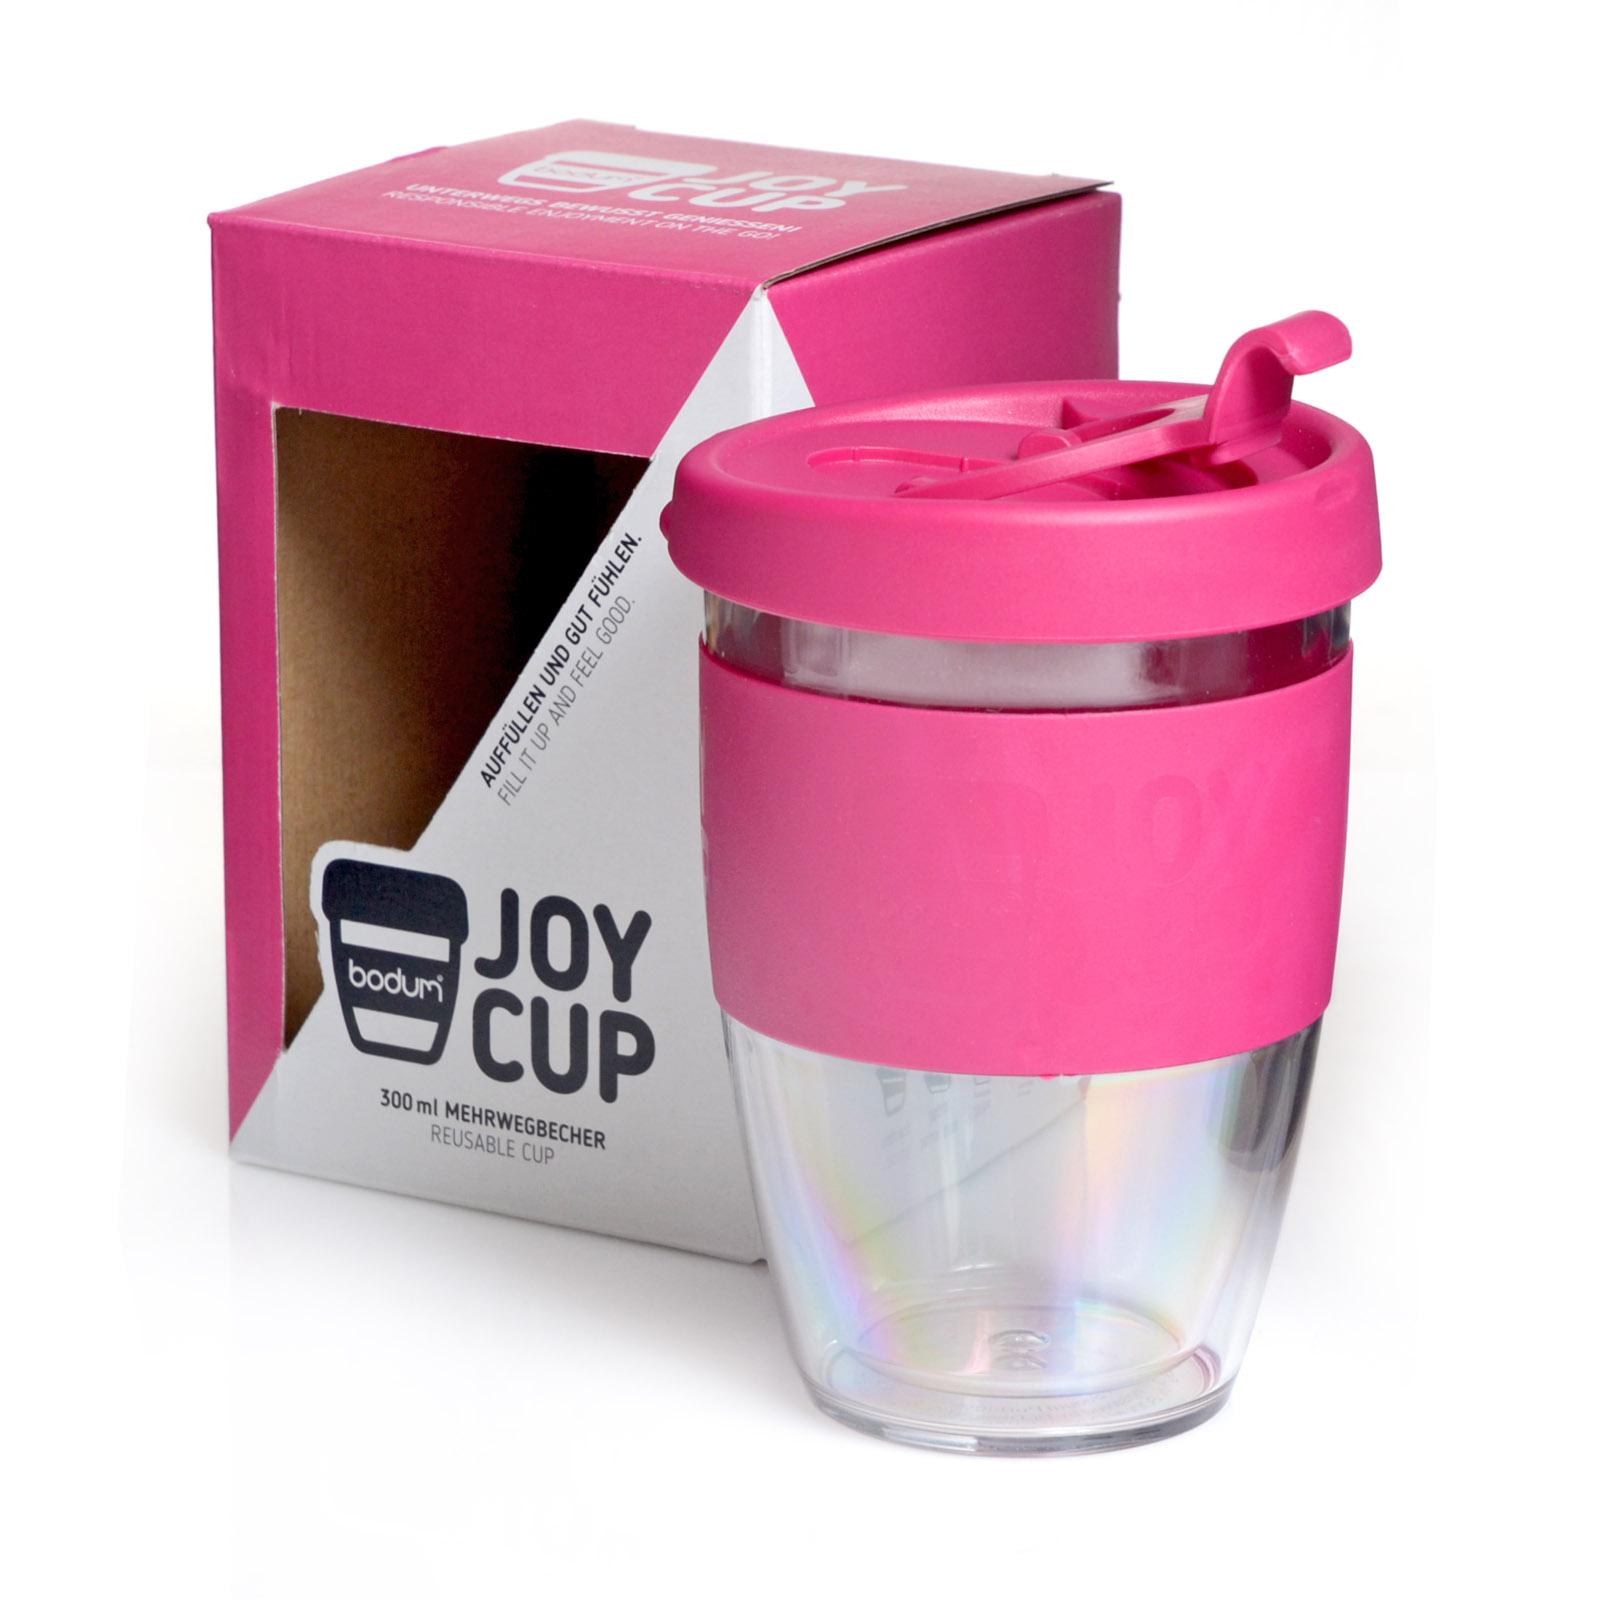 coffee to go becher 0 3 l mehrwegbecher joy cup pink mit deckel. Black Bedroom Furniture Sets. Home Design Ideas